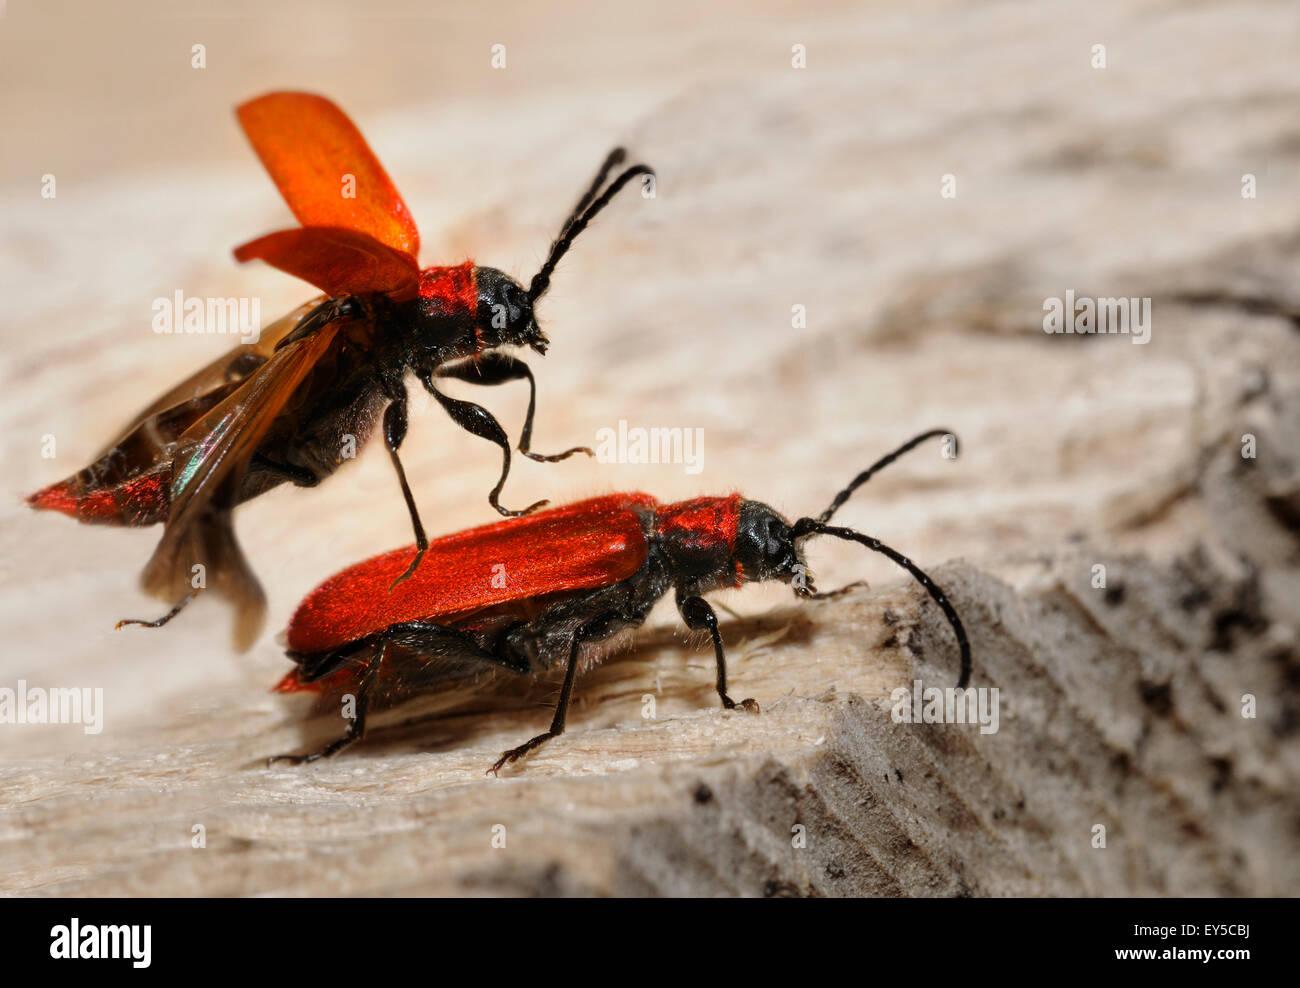 Welsh Oak Long Horn Beetle - Vosges du Nord France - Stock Image